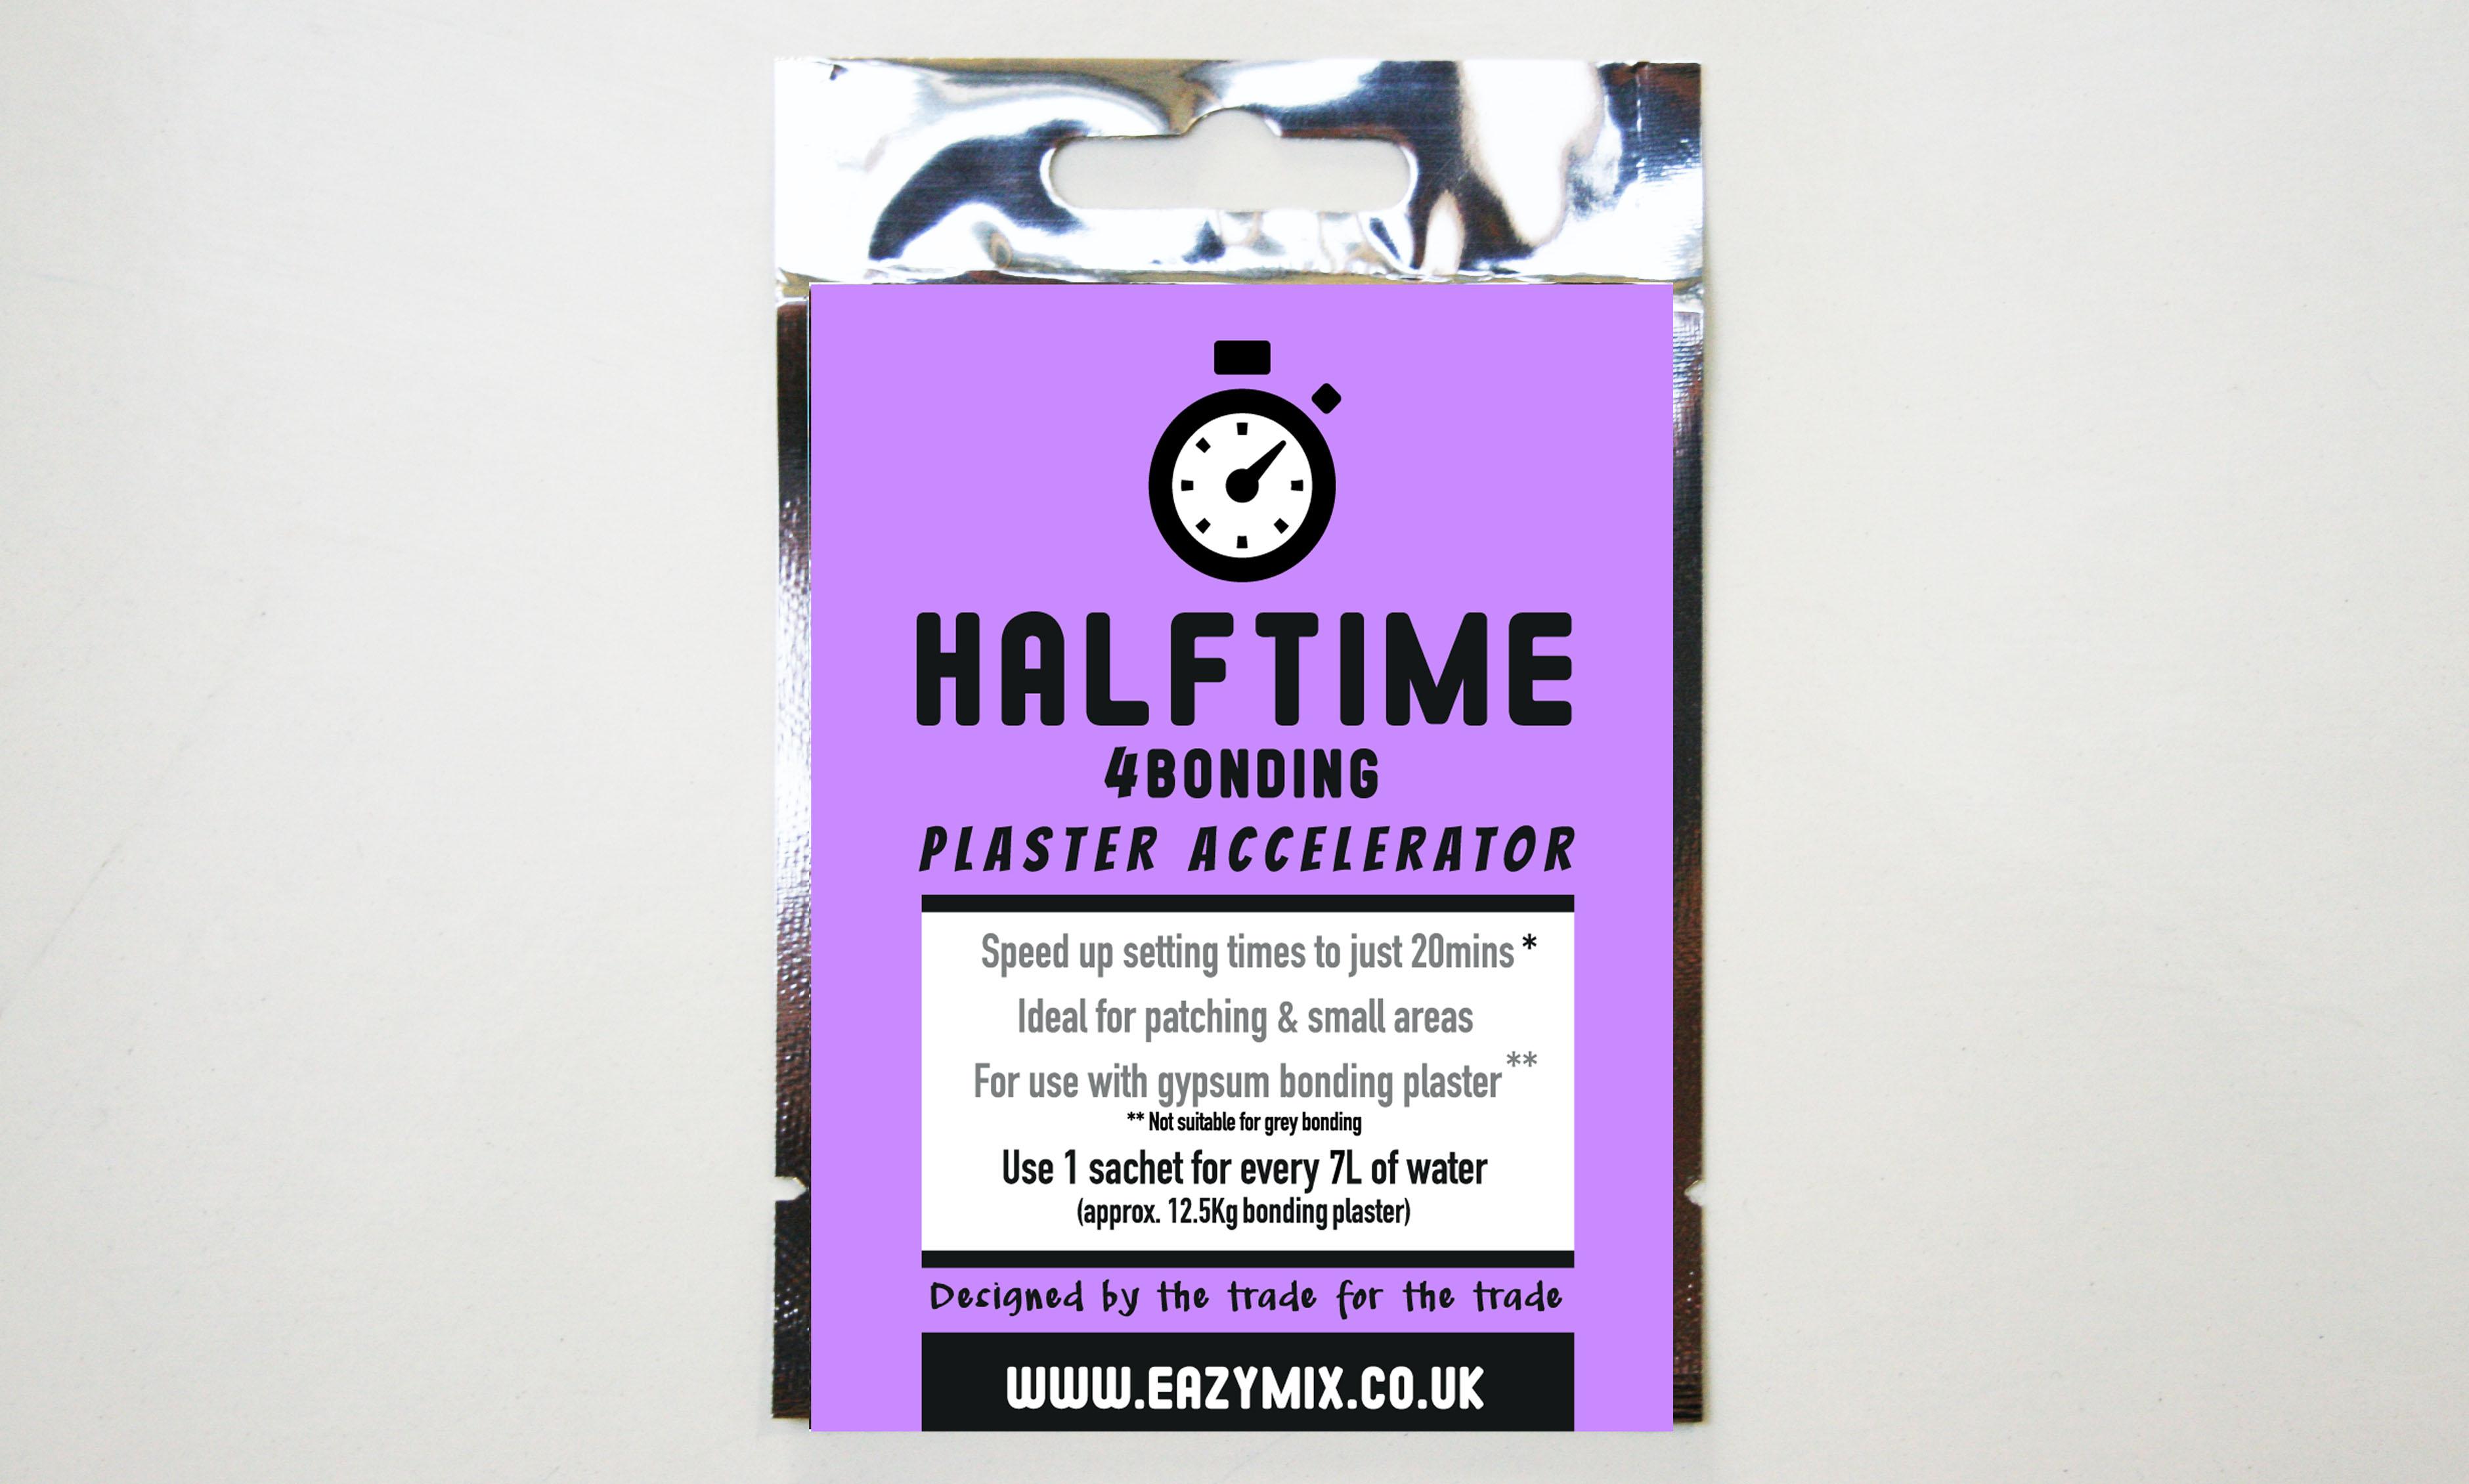 halftime4bondingpackaging7.jpg